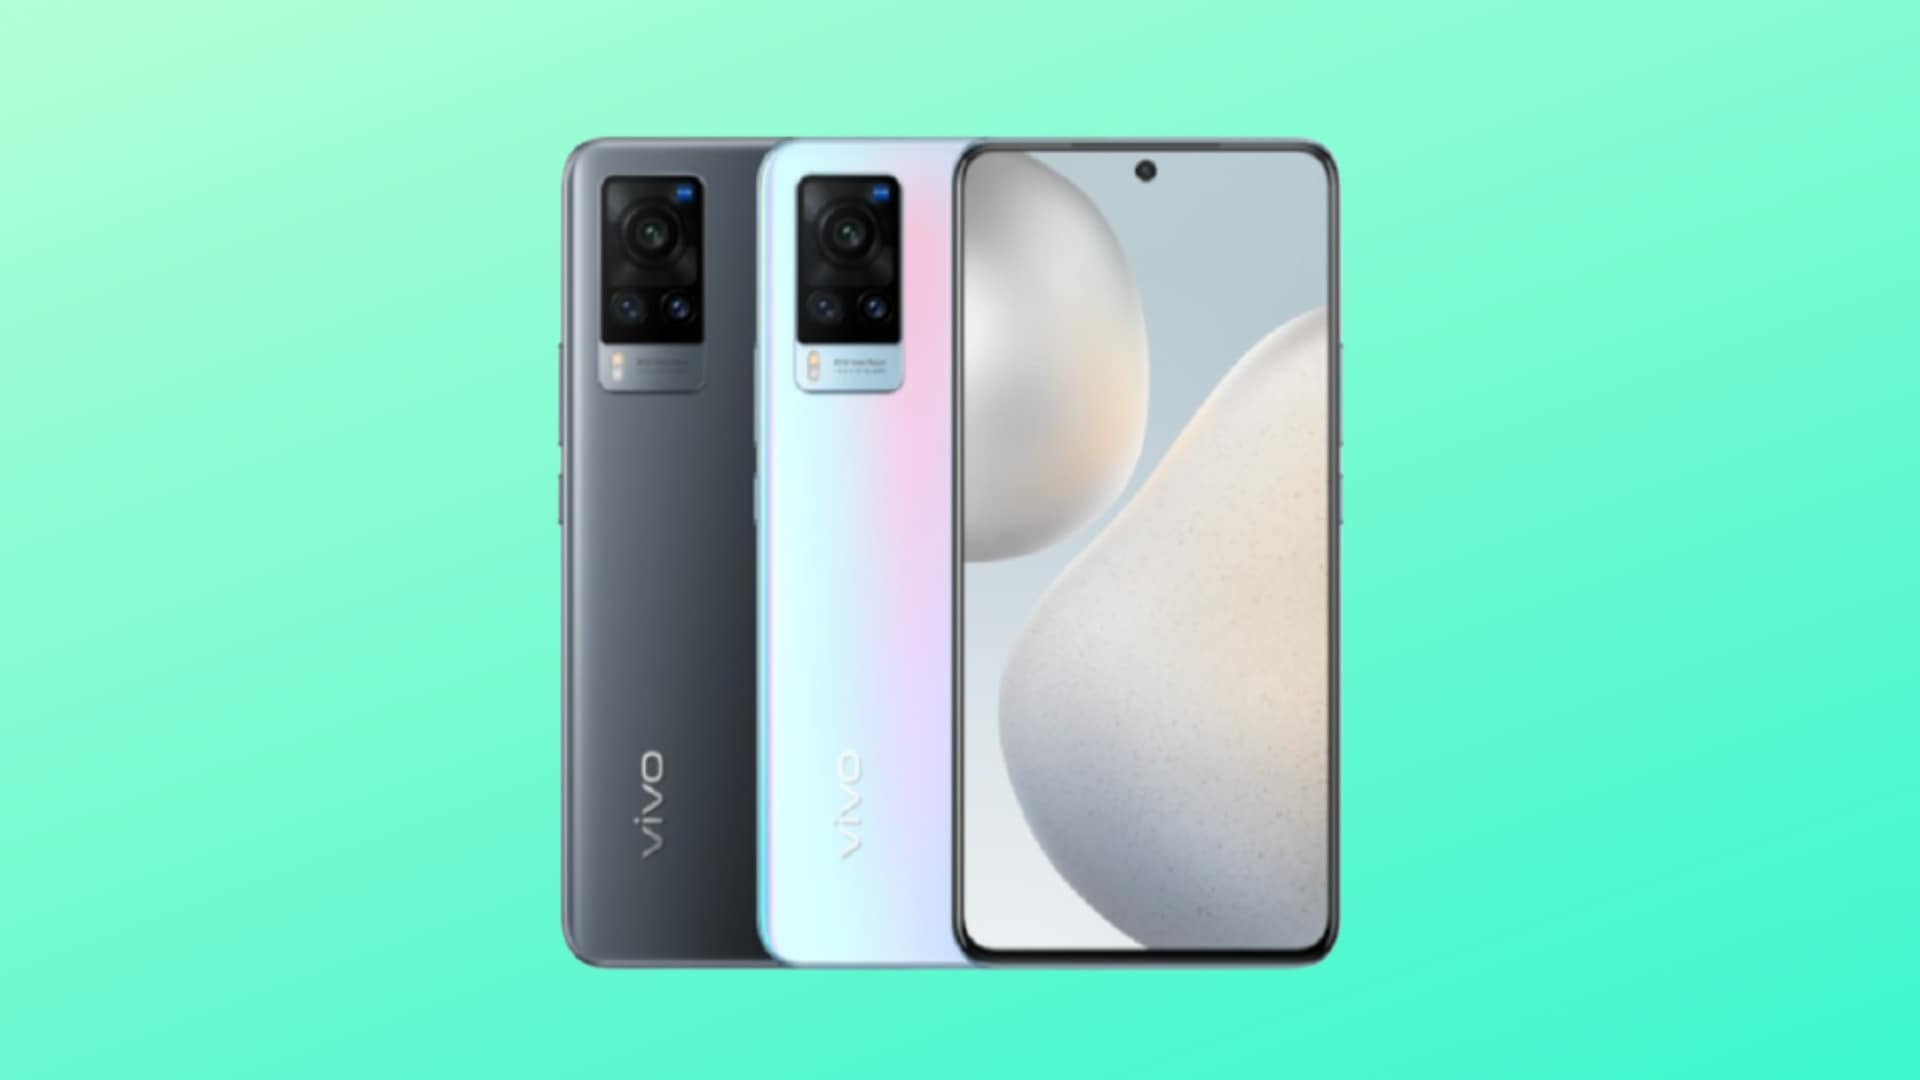 Vivo annuncia lo smartphone più economico della famiglia X60: ecco vivo X60t (foto)